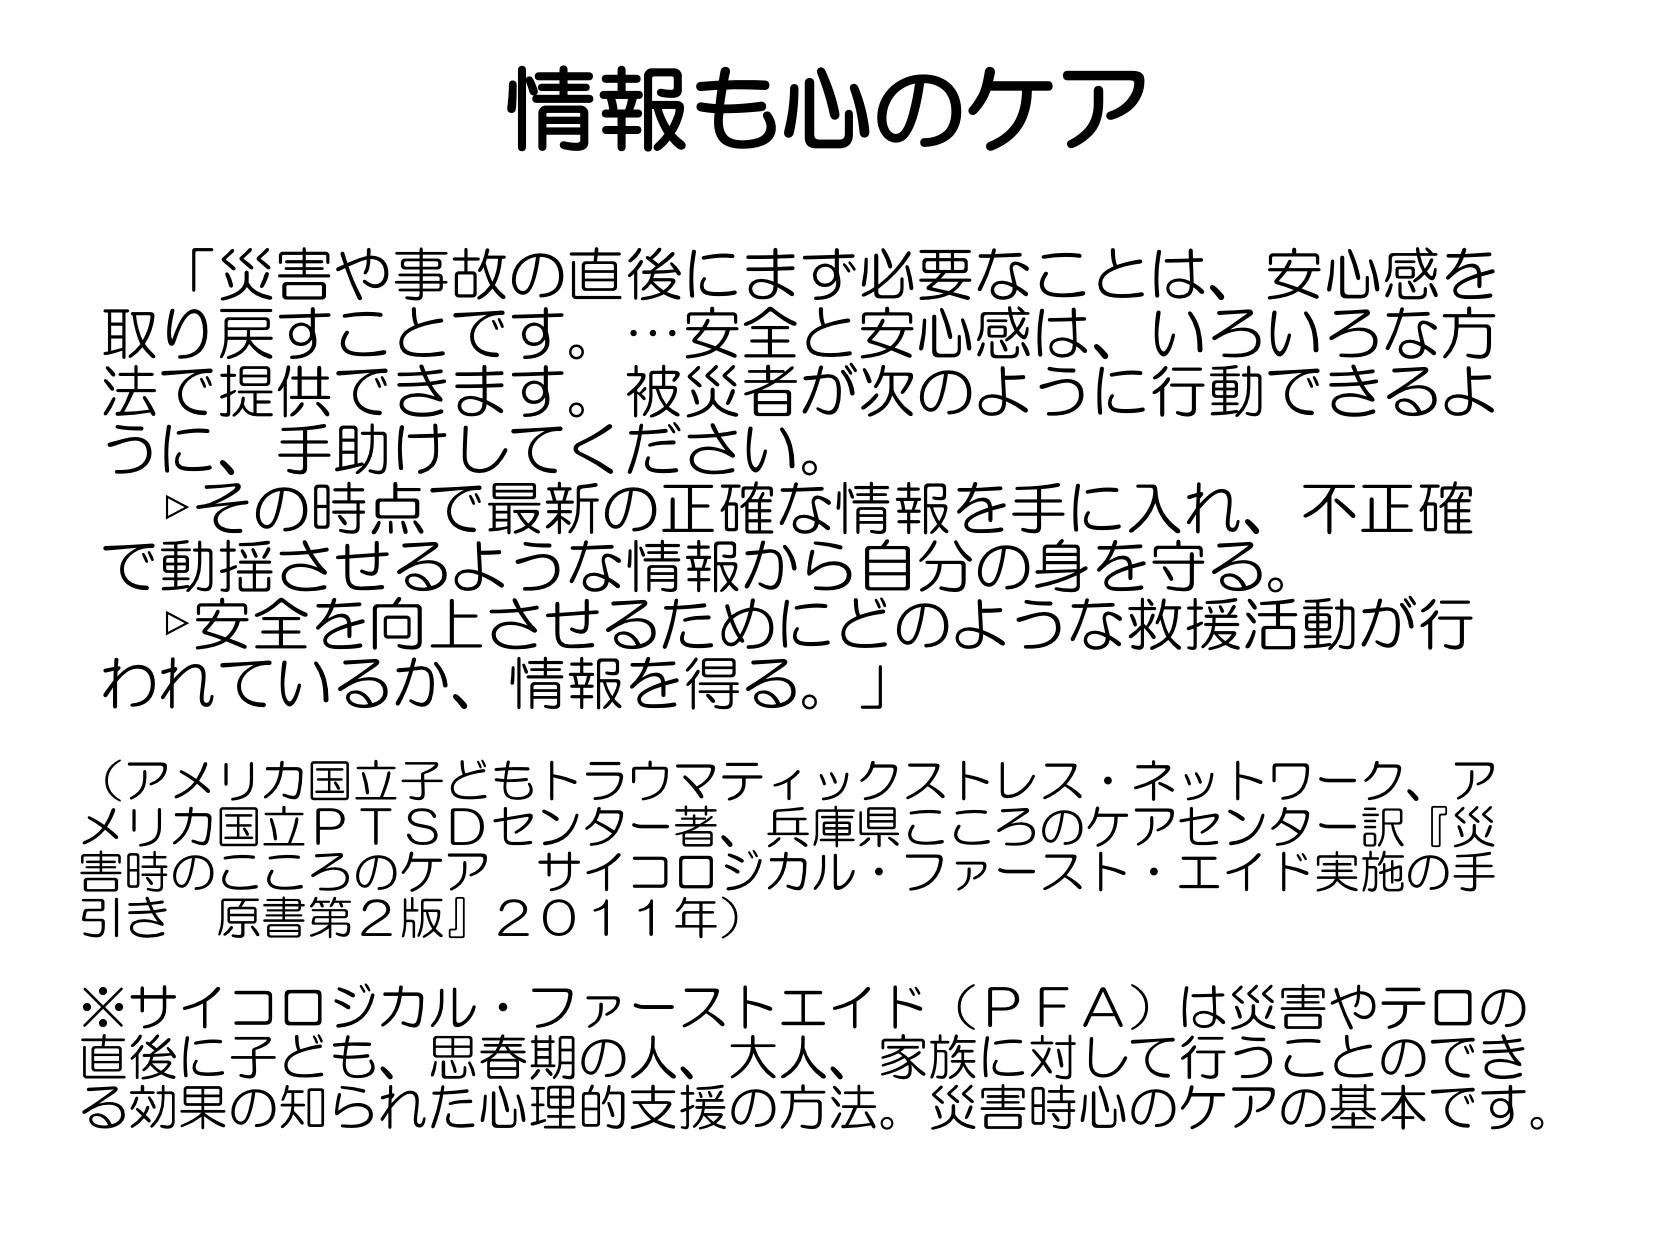 「震災と報道…心のケア、文化財、音楽」…②_a0103650_054387.jpg